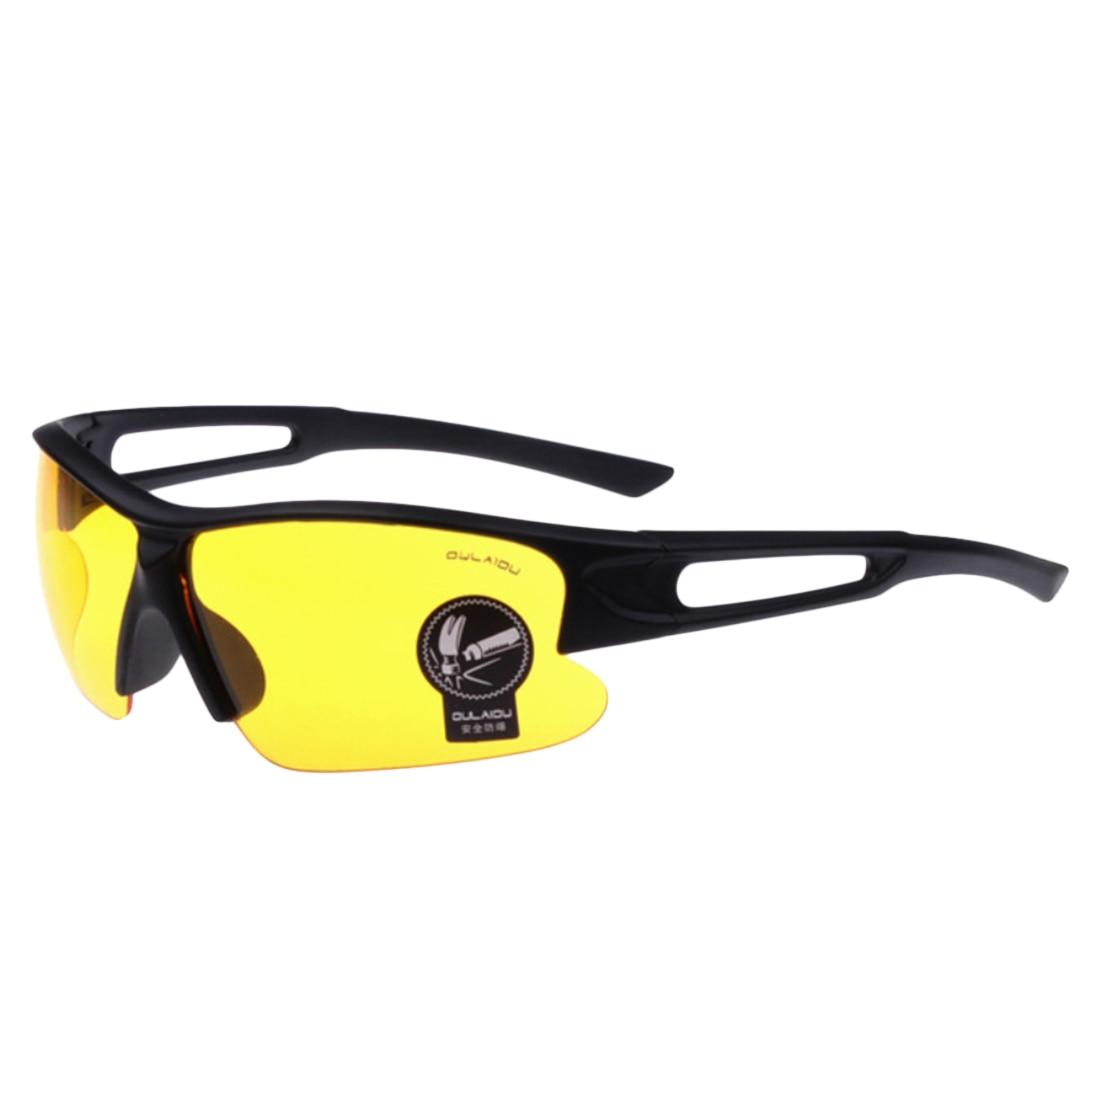 Ciclismo Óculos De Sol à prova de Explosão-Lente Óculos Polarizados Ao Ar  Livre Óculos de Bicicleta Andar de Bicicleta Eyewear Óculos c4b344bd6d